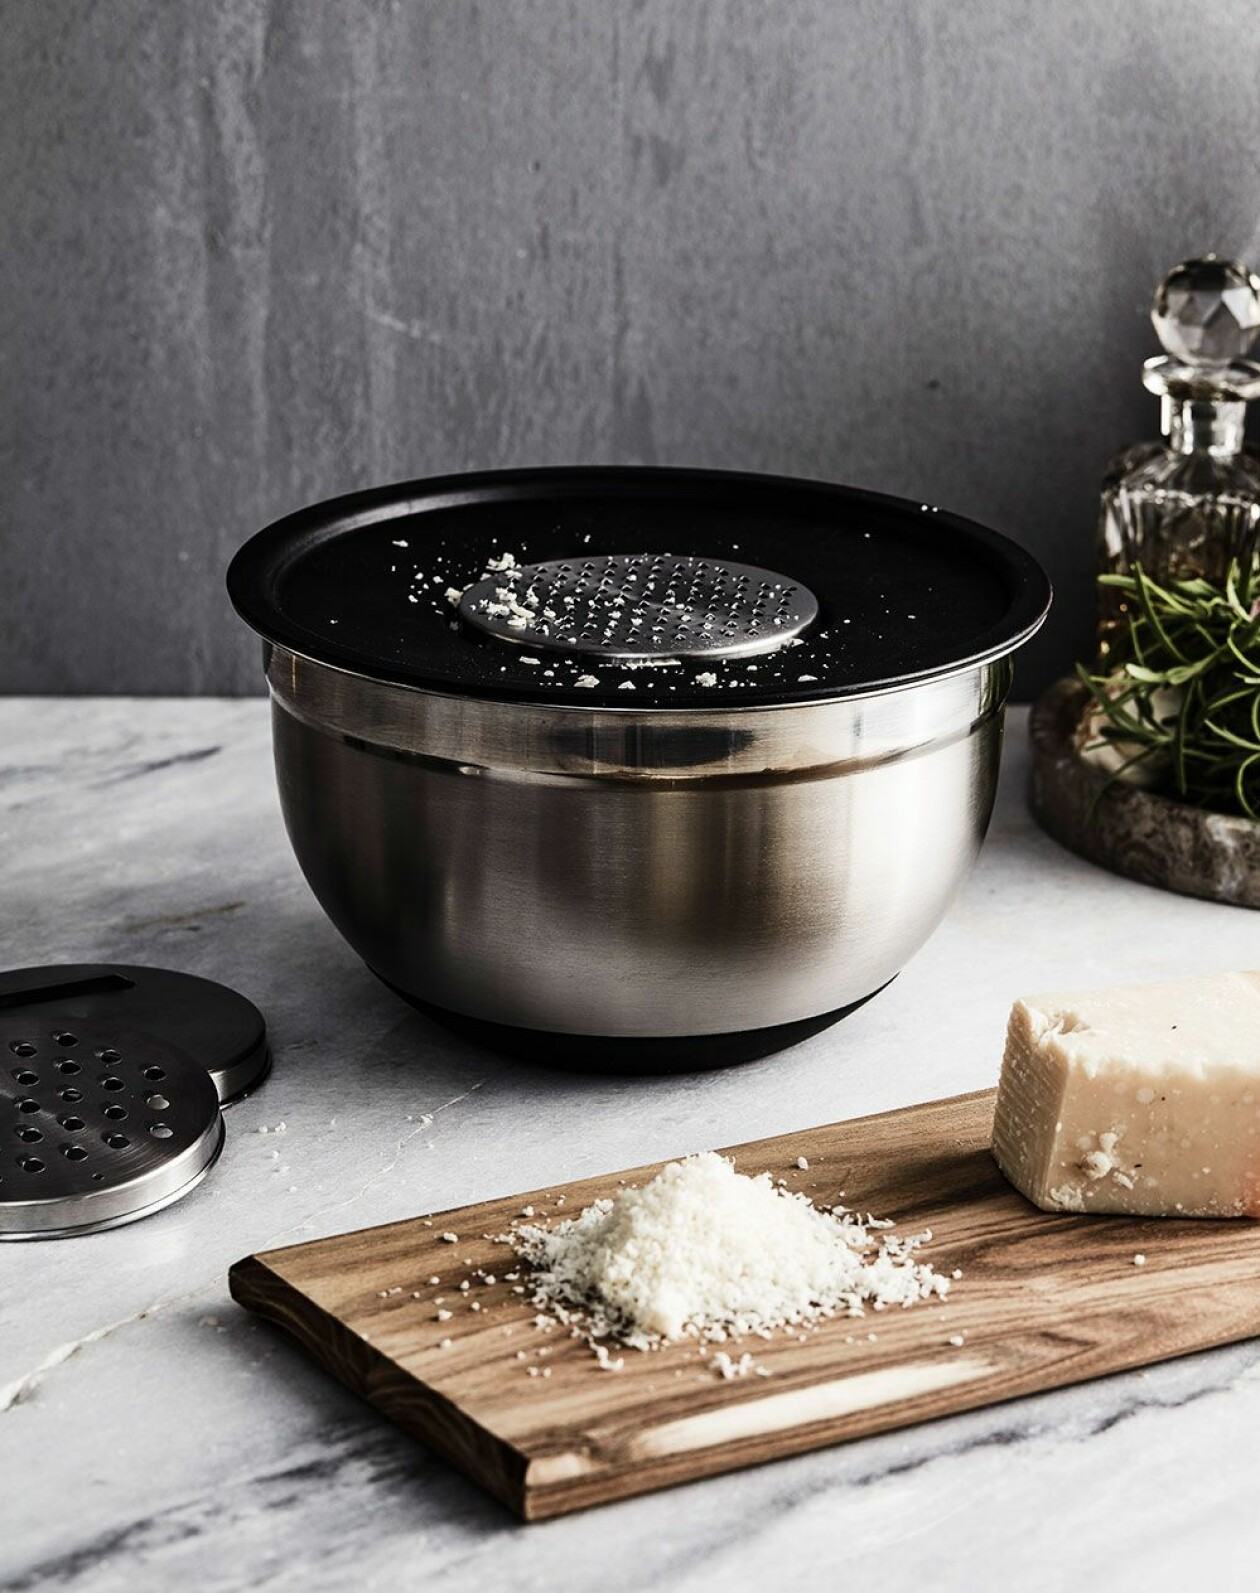 Smart rivskål för exempelvis ost och grönsaker.